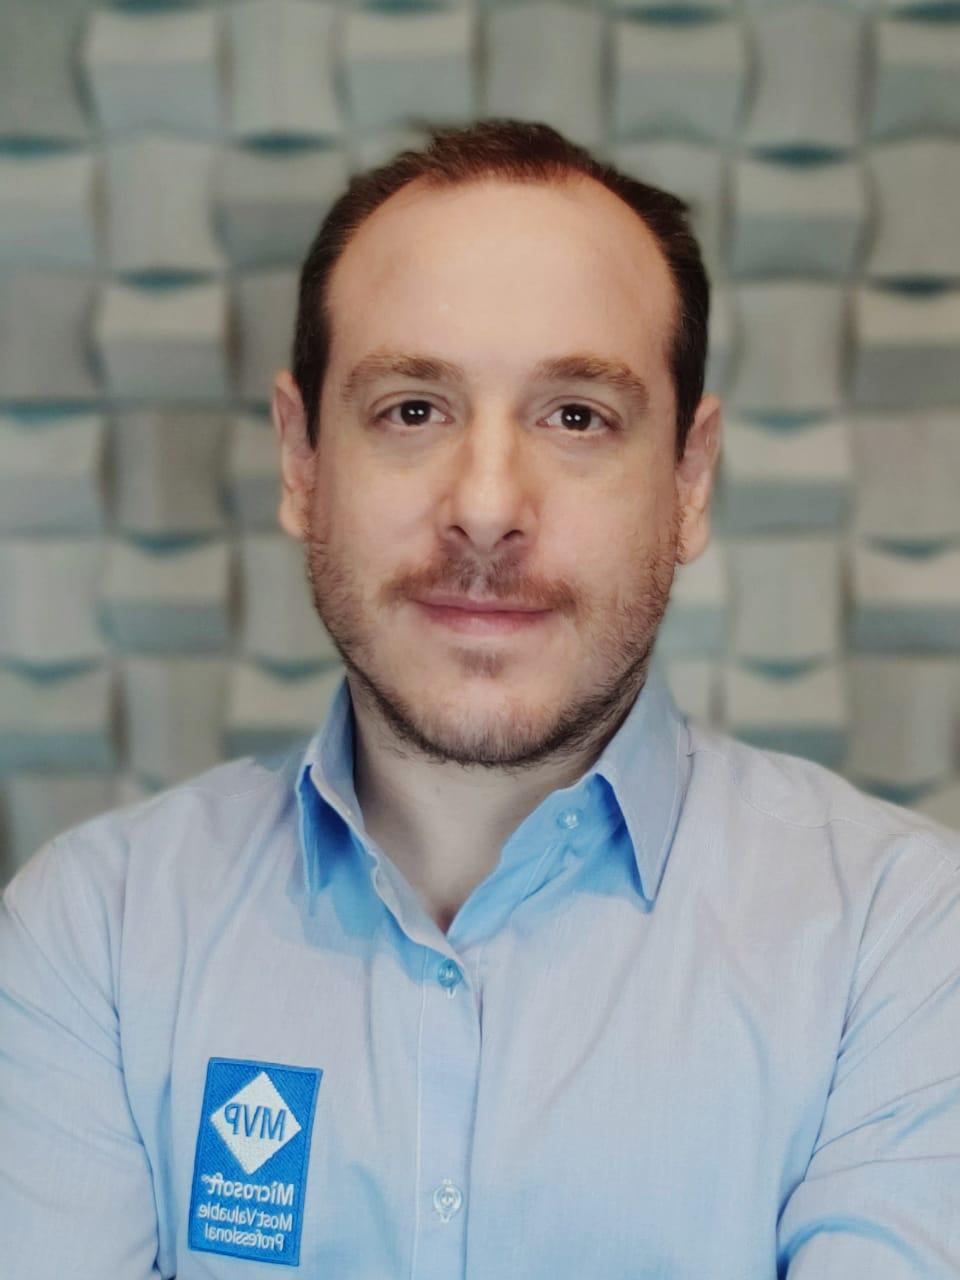 André Baltieri